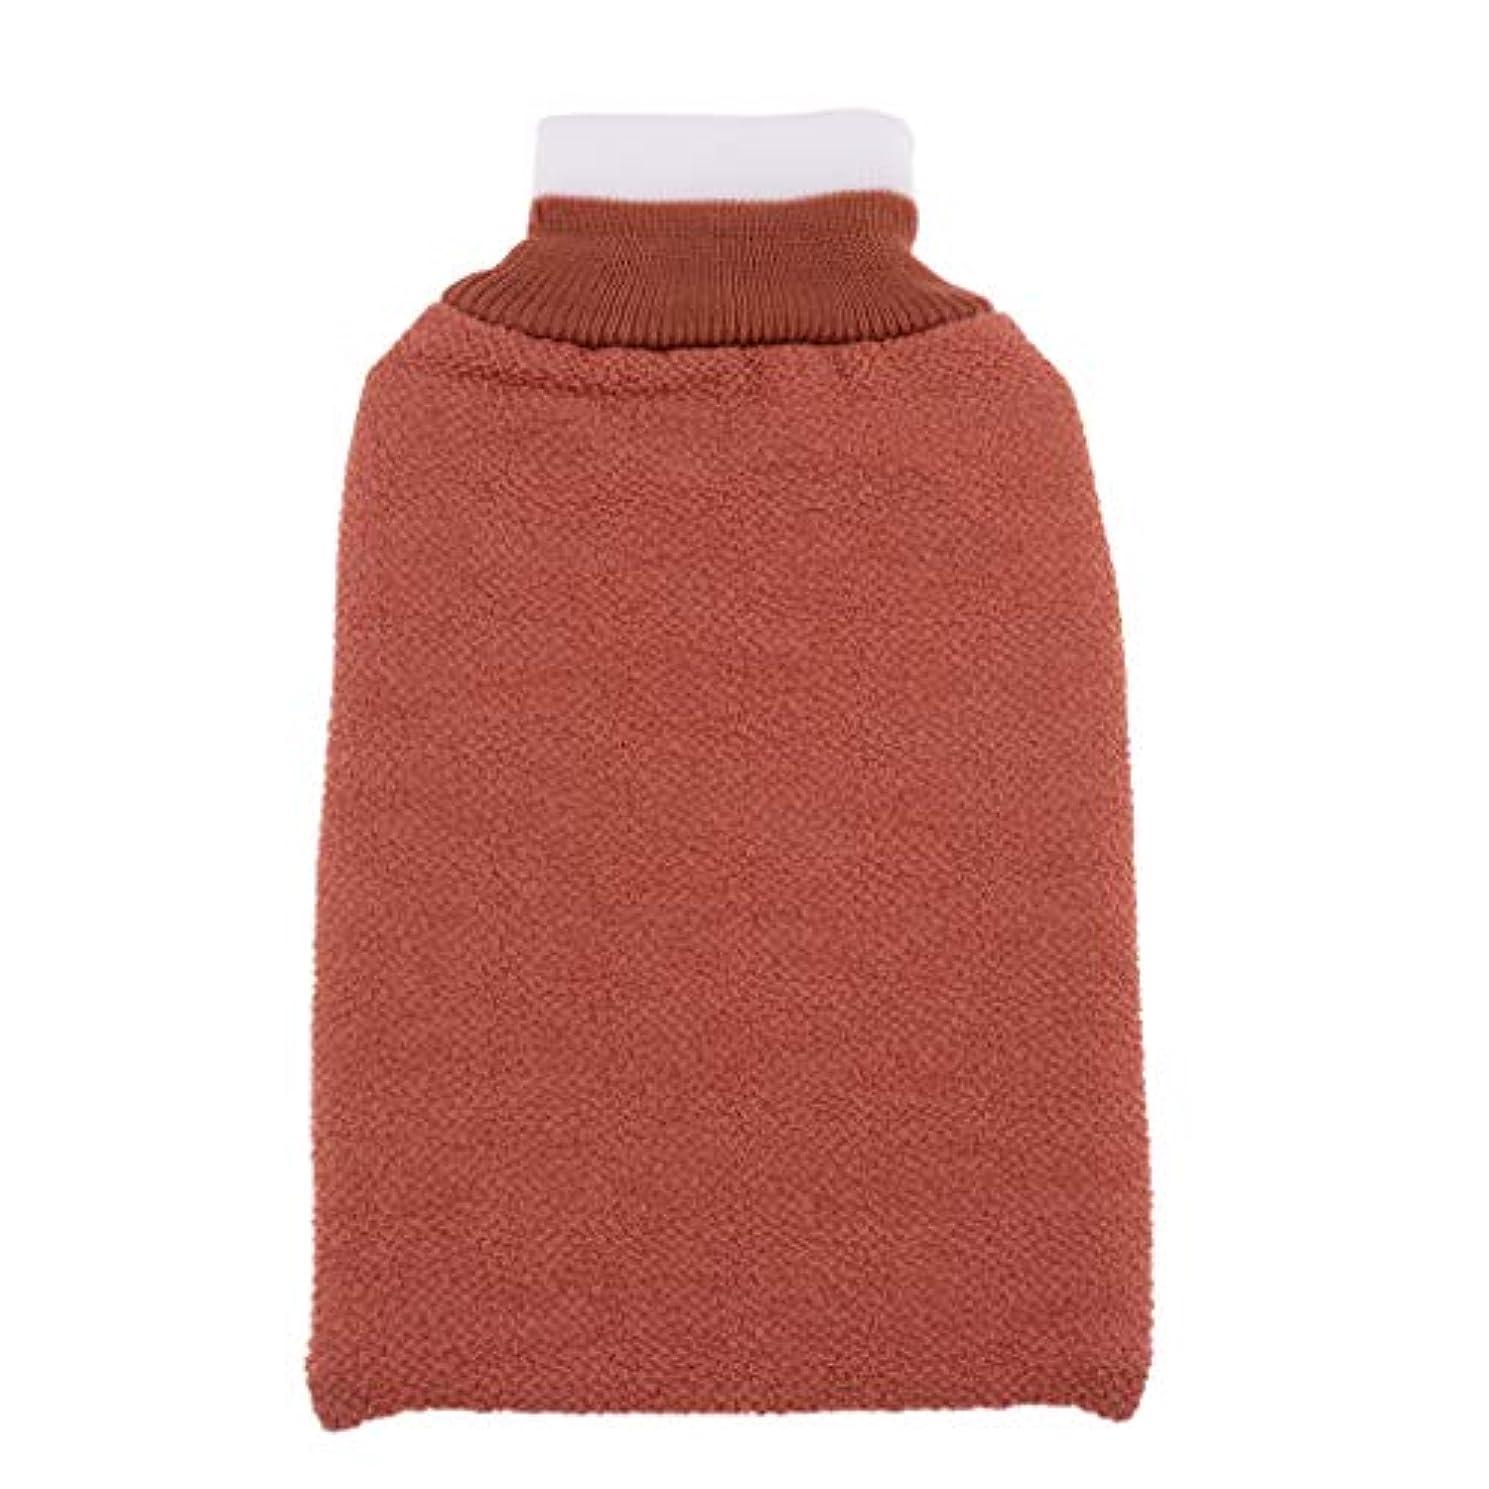 甘くするおばさんアッティカスFLAMEER お風呂タオル手袋 浴用手袋 垢すりグローブ 角質除去 毛穴清潔 バス用品 男女兼用 再利用可 全3色 - シャンパン